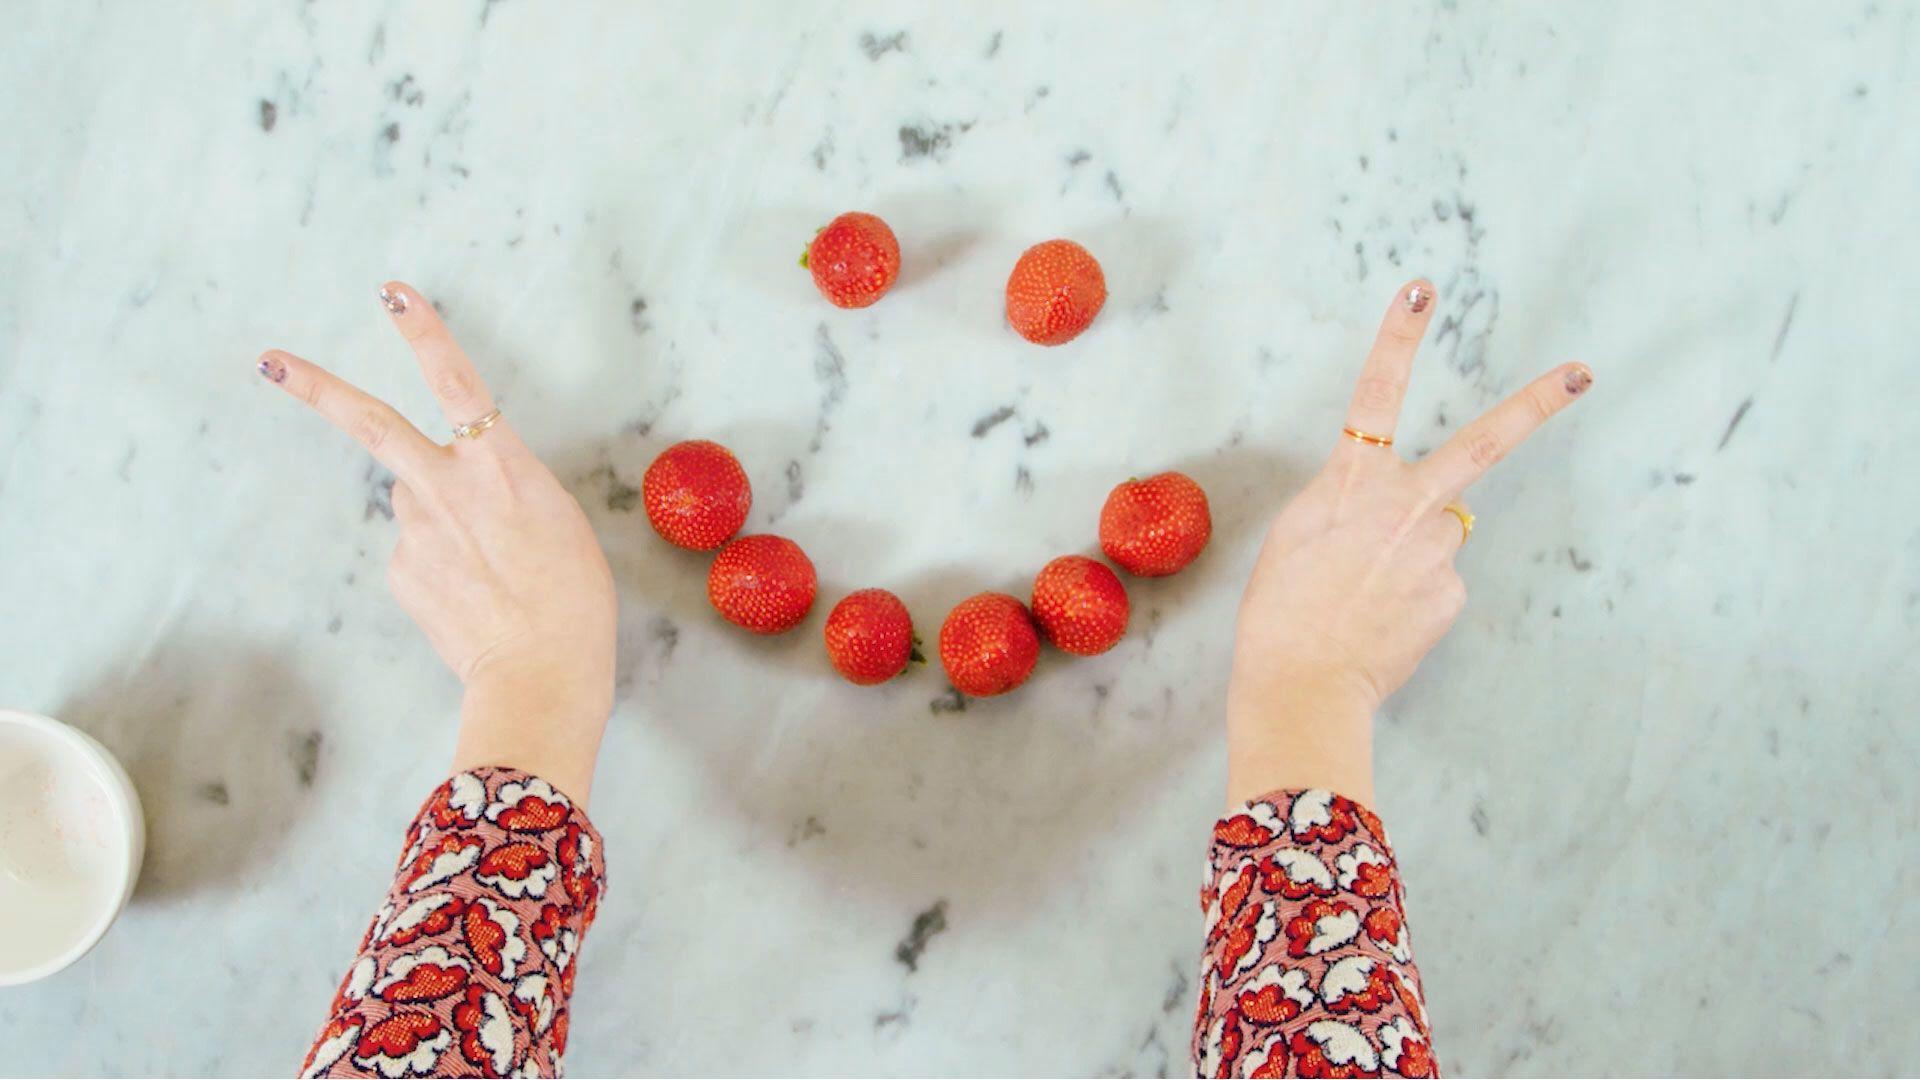 How to Make Strawberry Cheesecake Bites